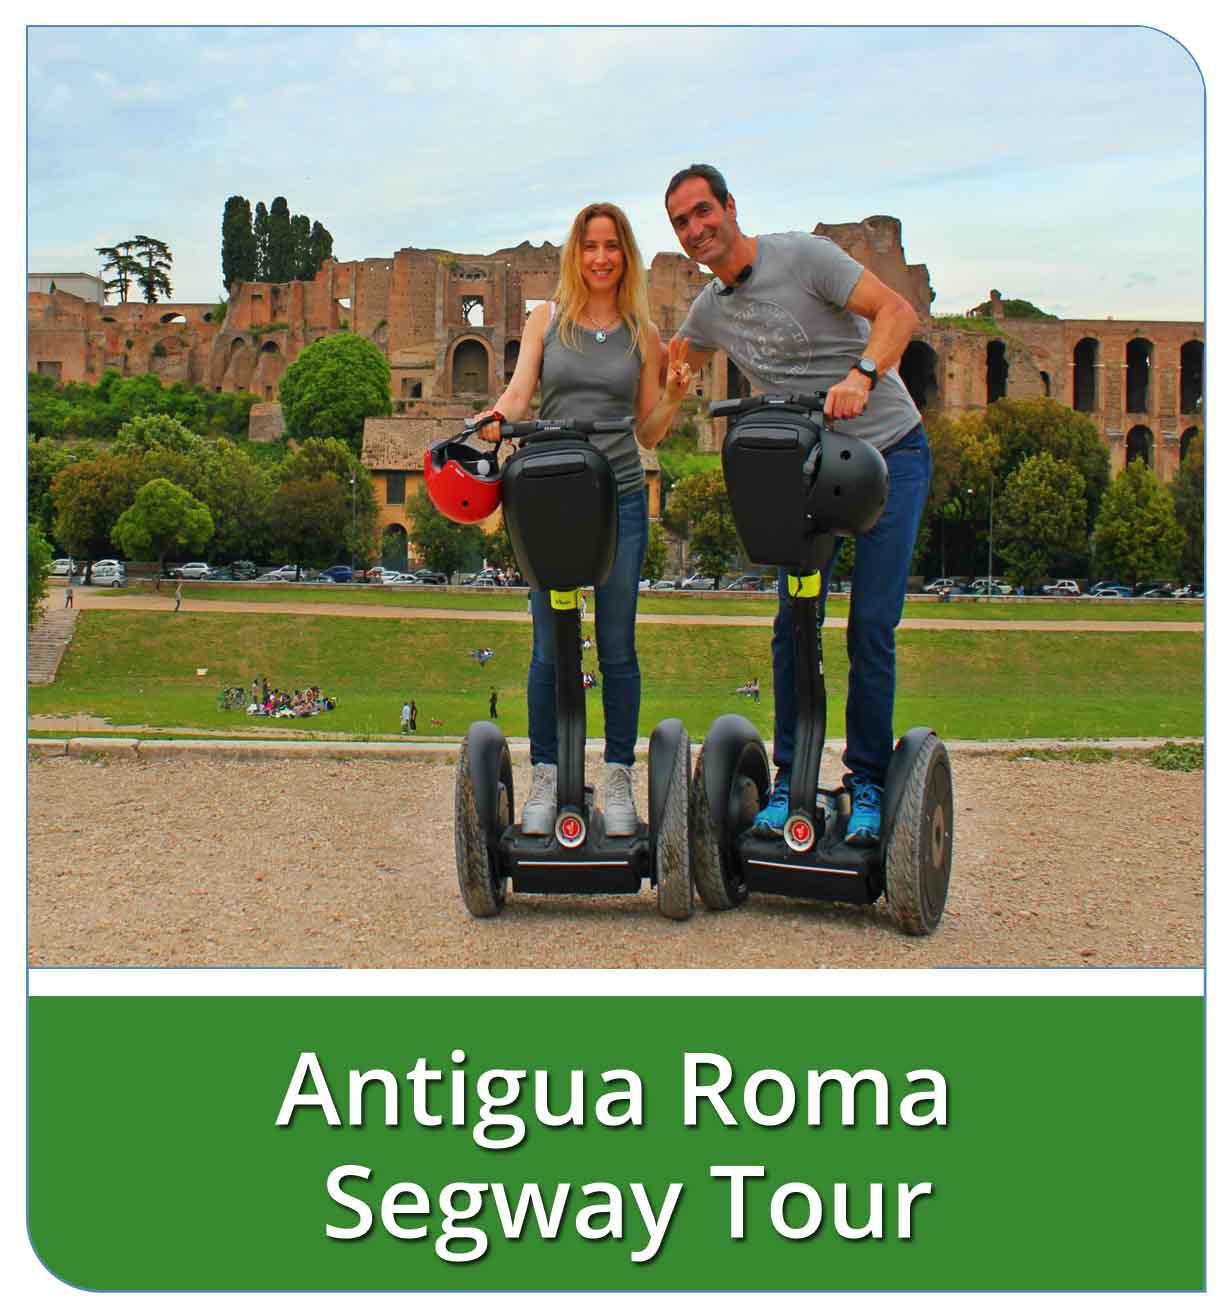 Antigua Roma Segway Tour